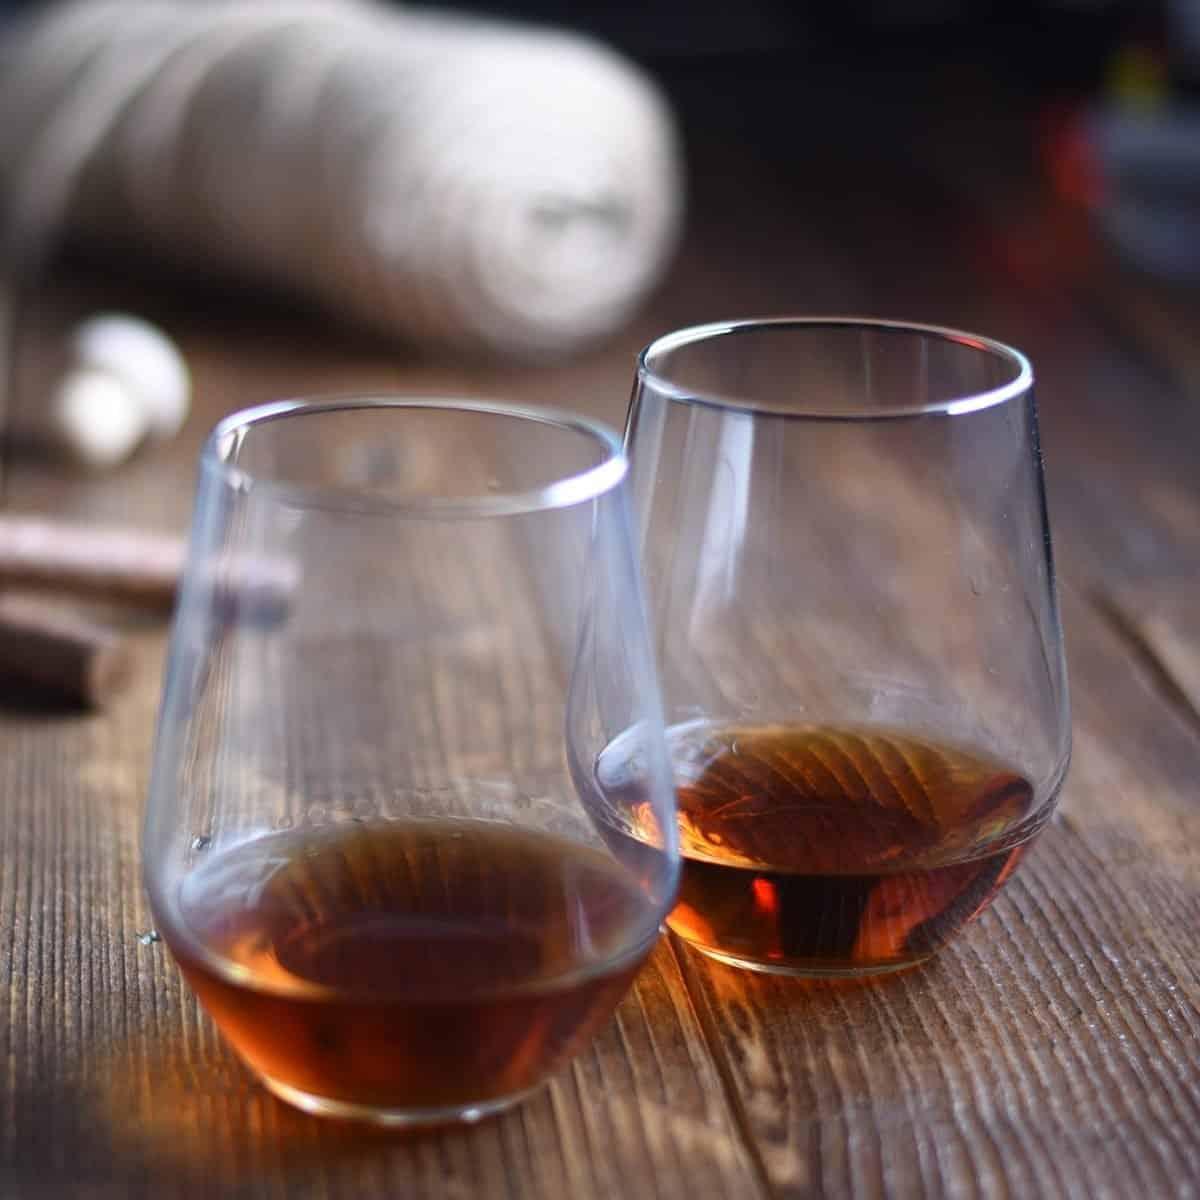 Vaso de ron en una mesa de madera rústica con puros y botella.